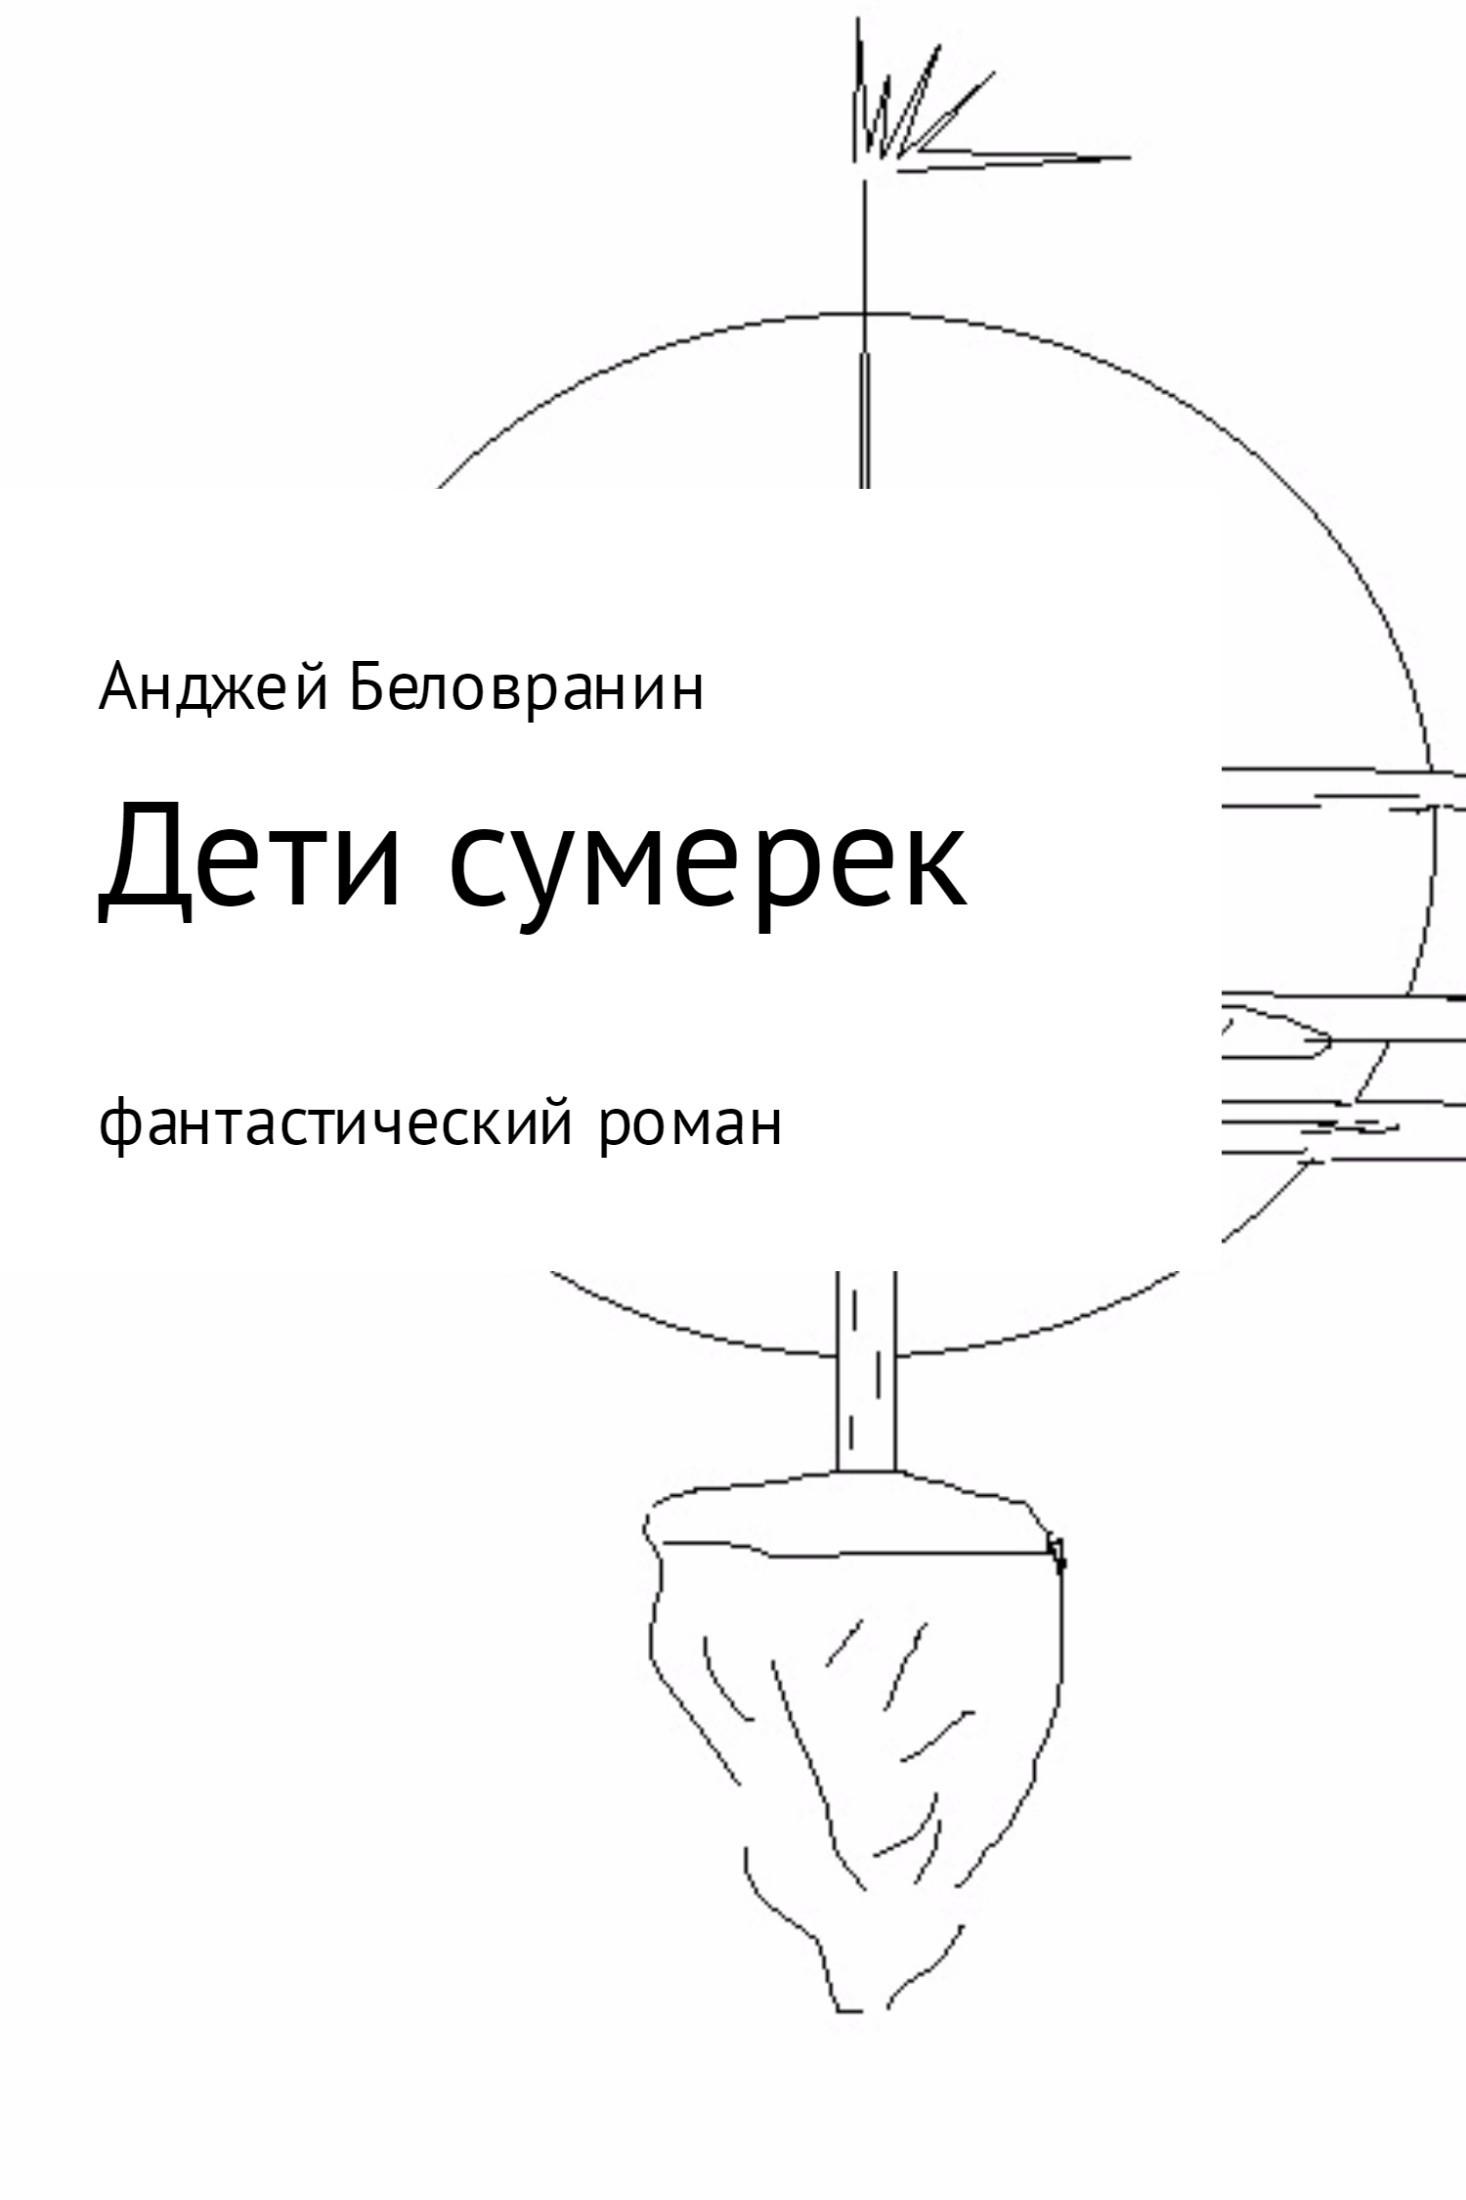 Анджей Беловранин бесплатно